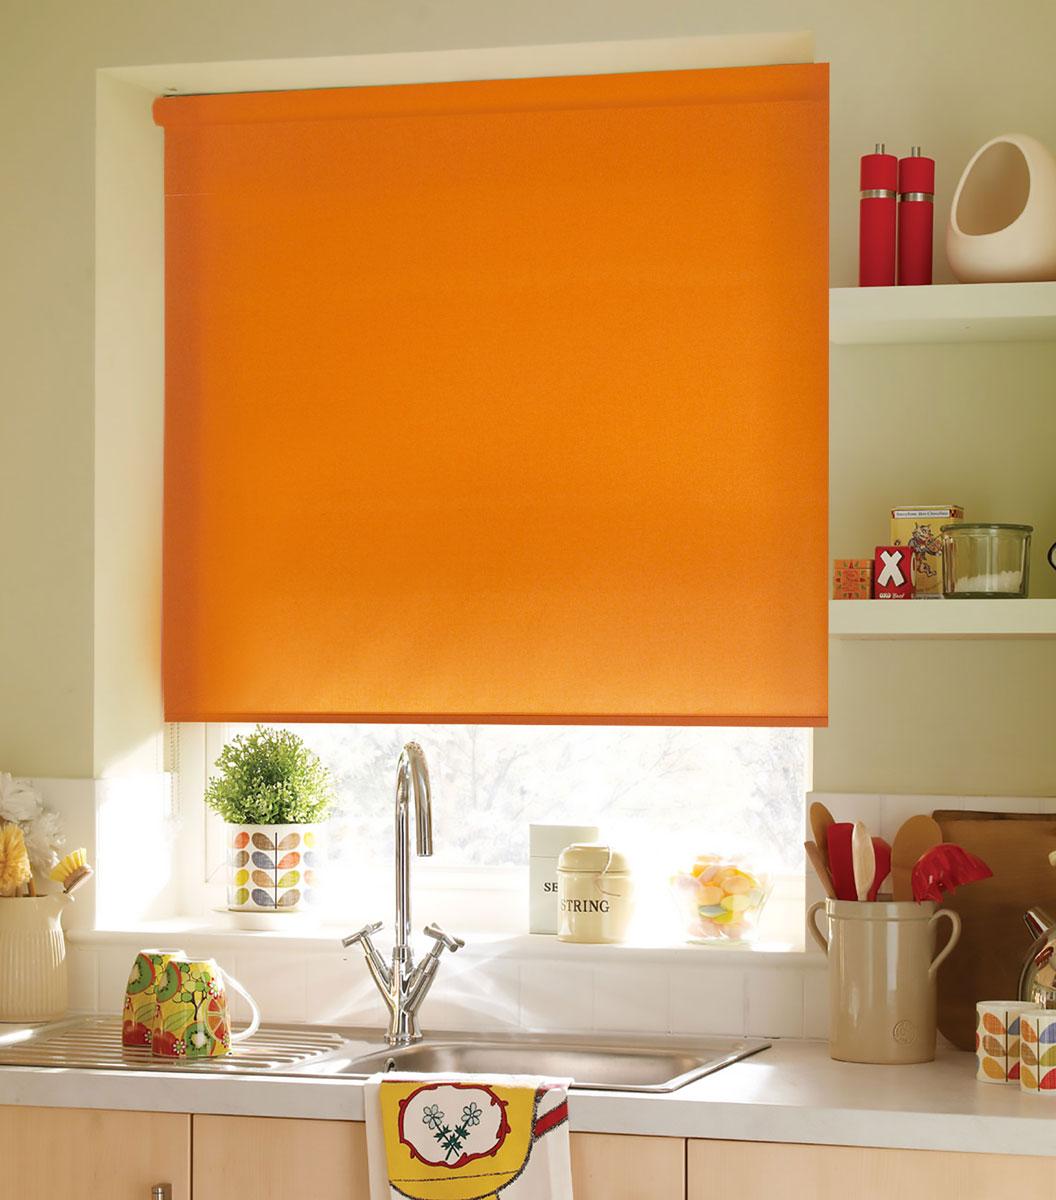 Миниролло KauffOrt 48х170 см, цвет: оранжевый